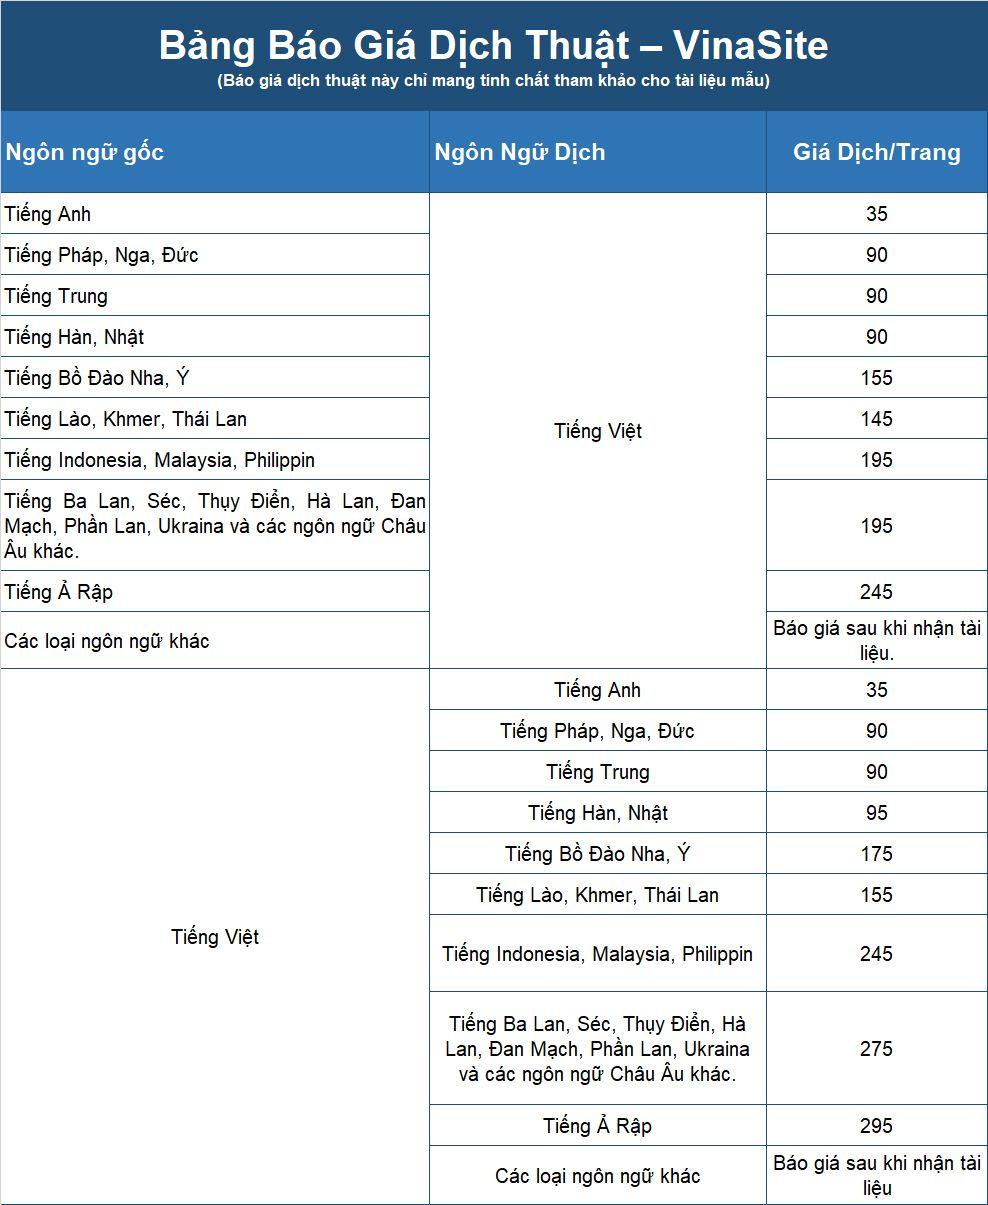 bảng báo giá dịch thuật